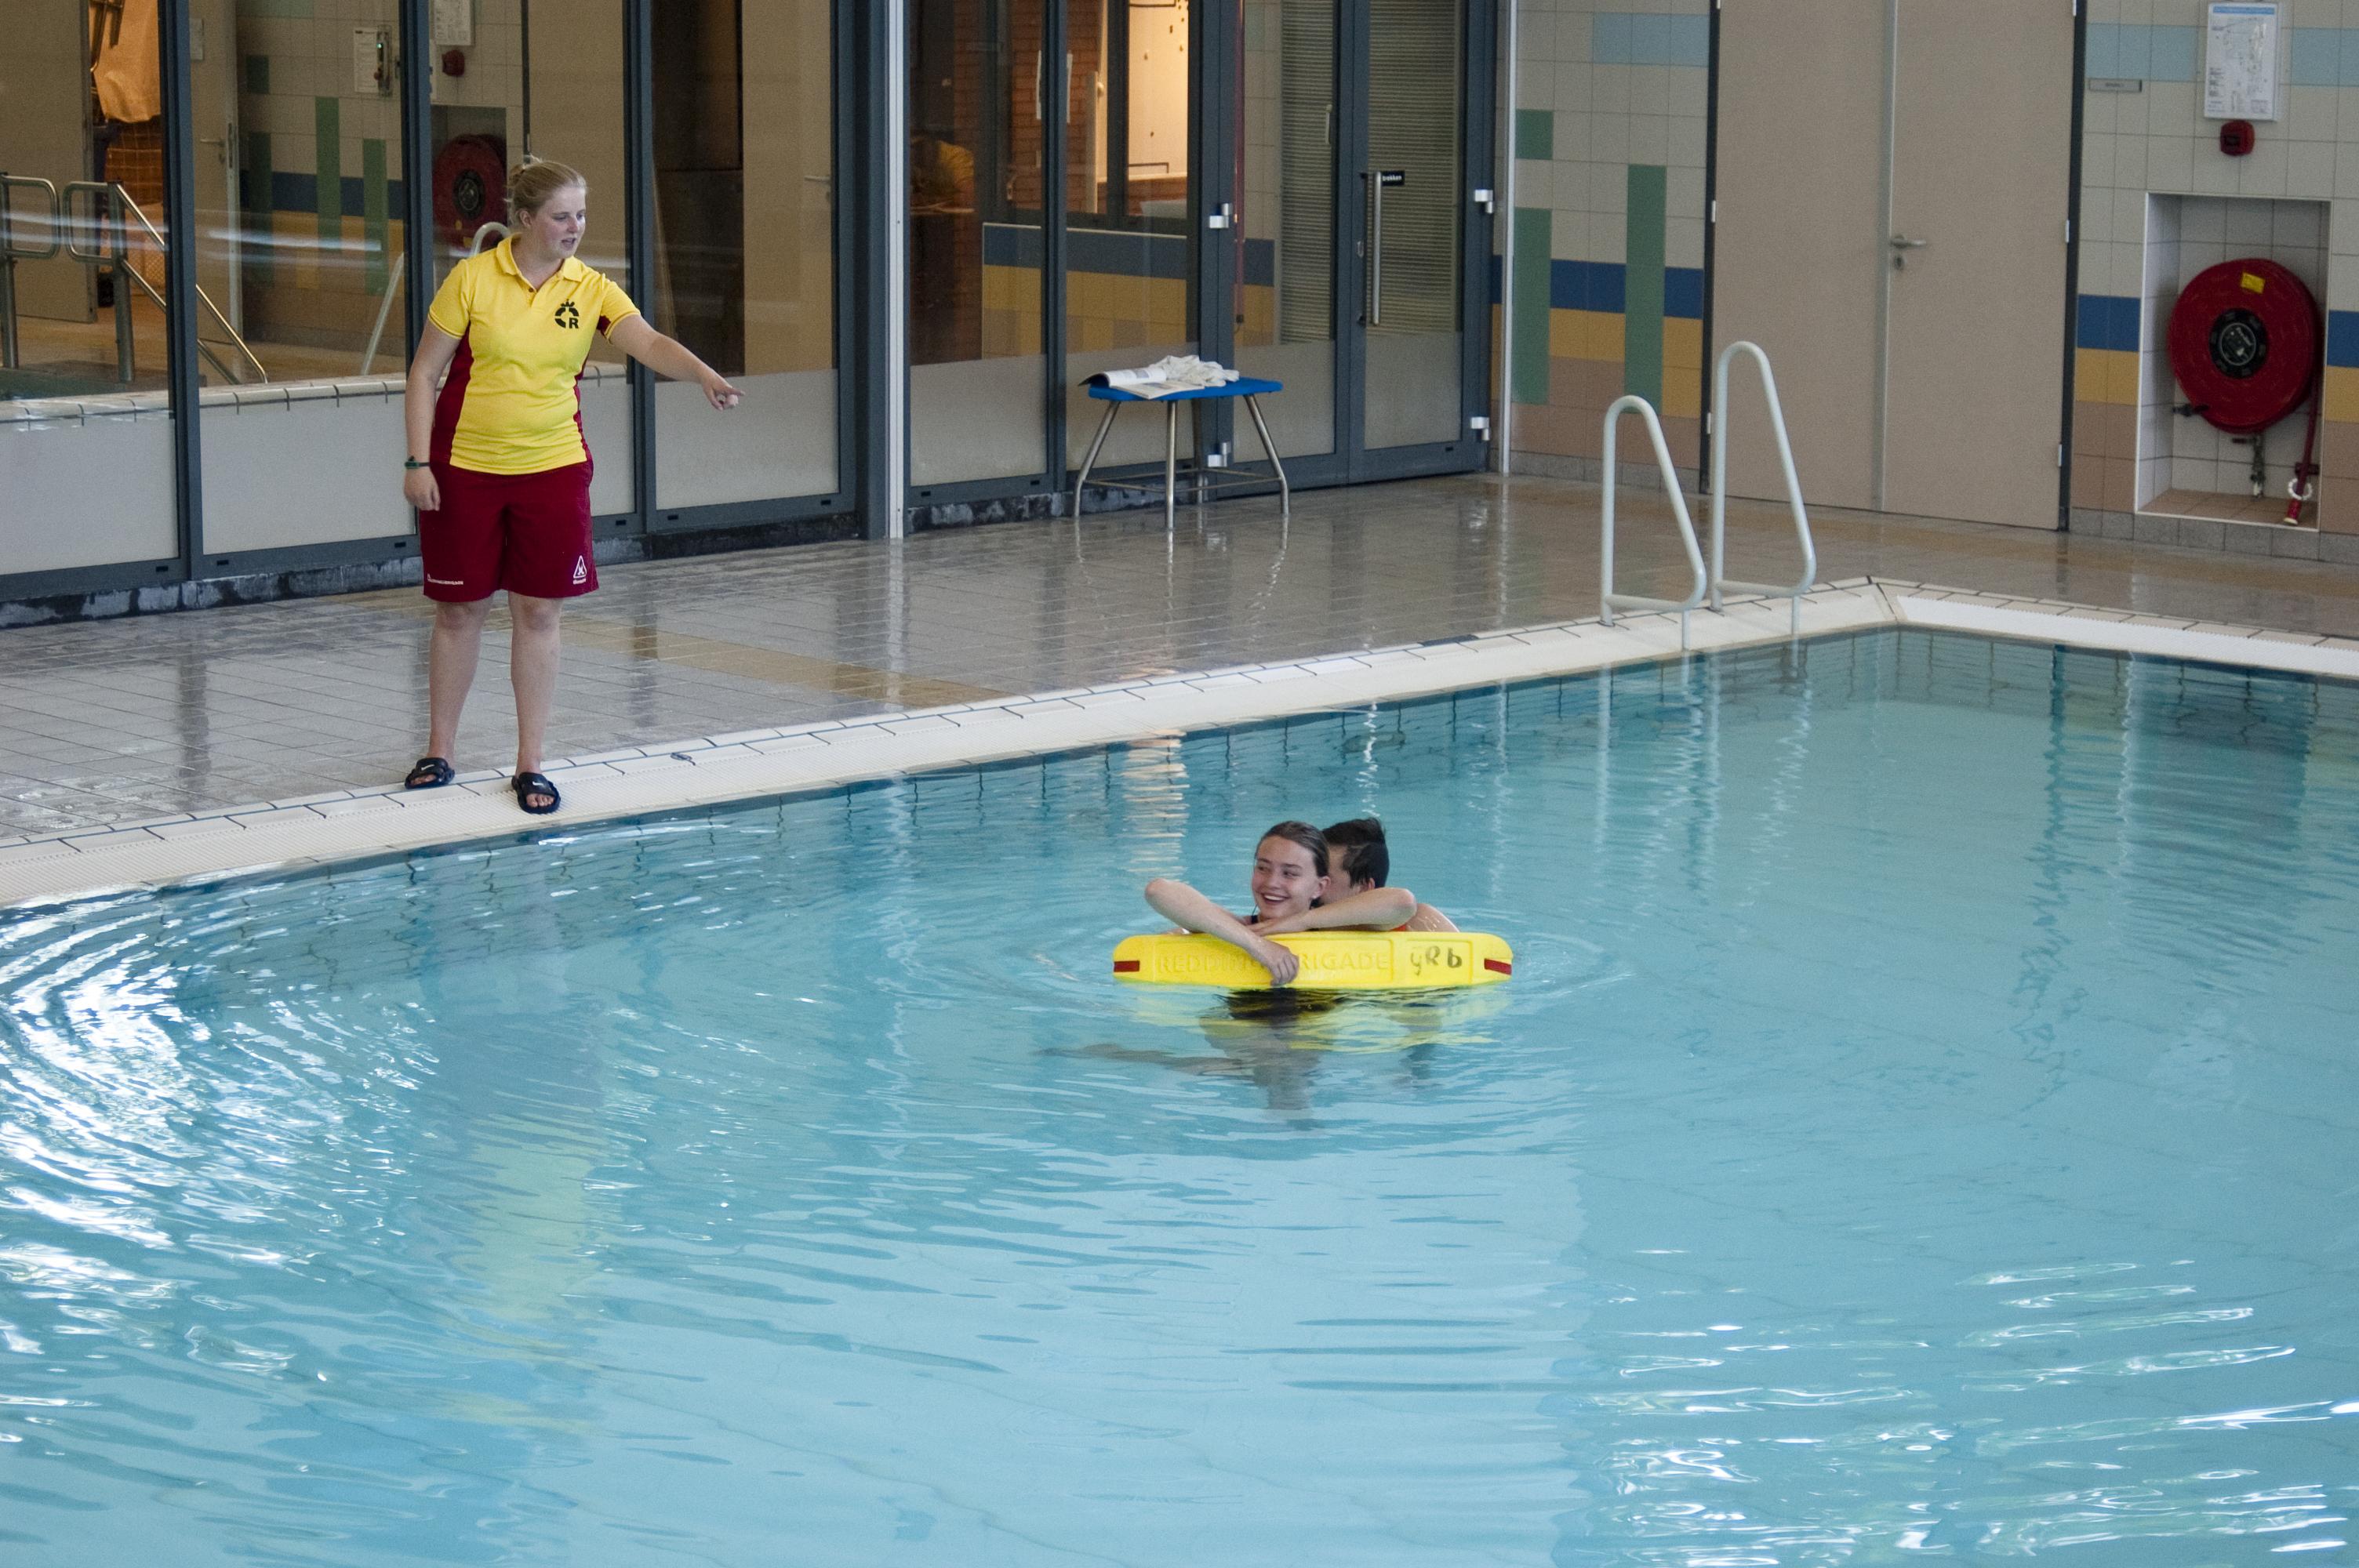 Zwemles IJmuider Reddingsbrigade - Zwemmend Redder